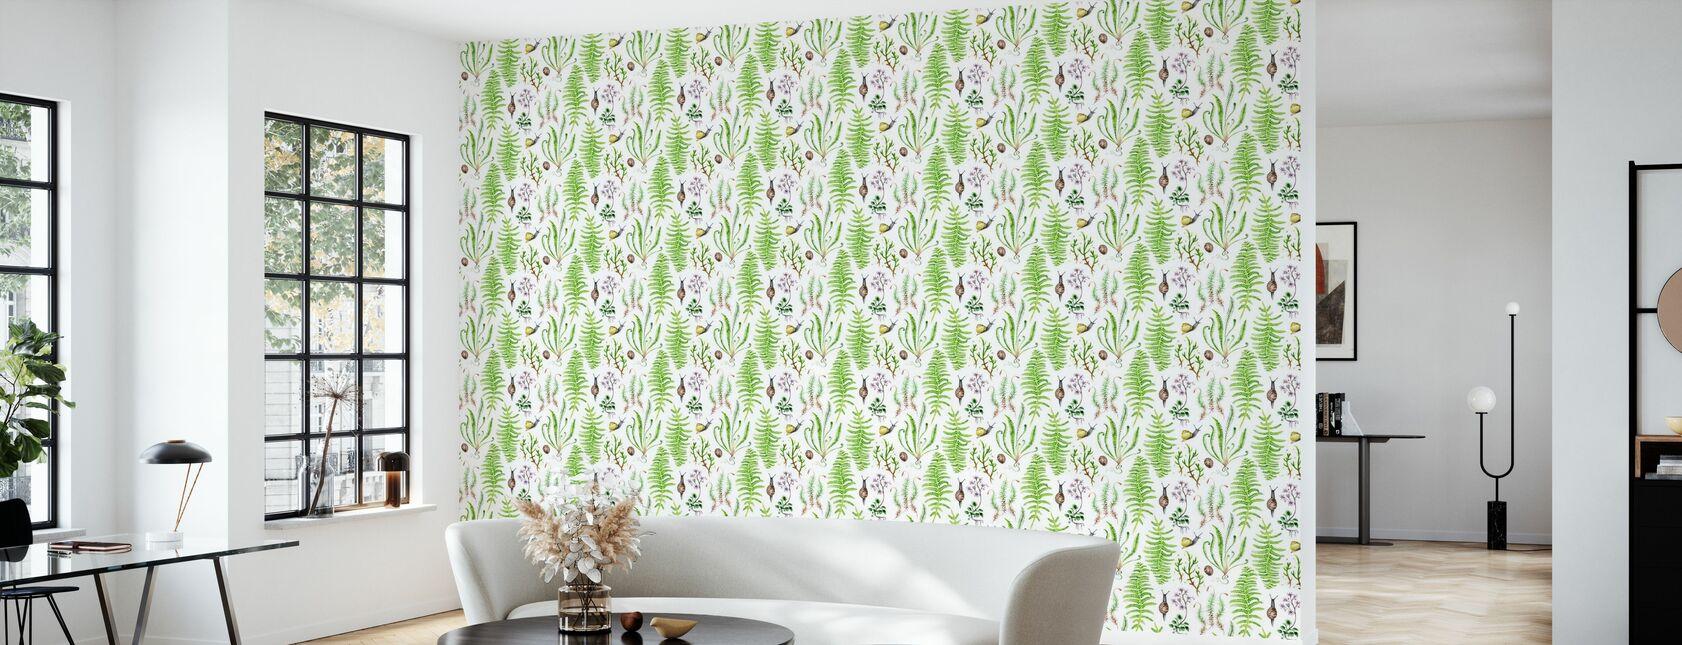 The Moss Garden After Rain - Wallpaper - Living Room